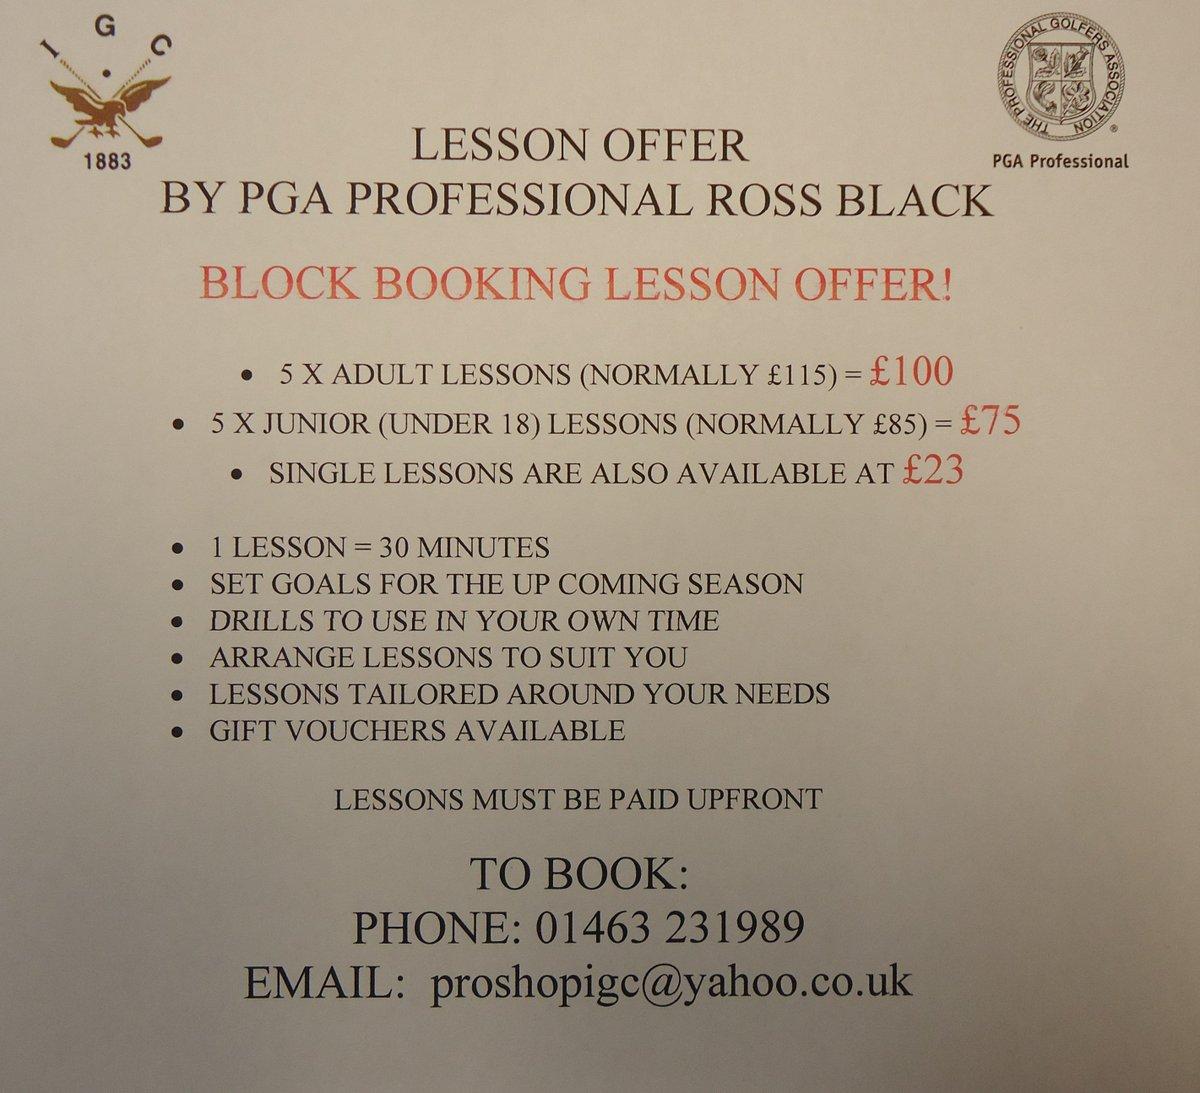 bb60d907eb14 Inverness Golf Club on Twitter